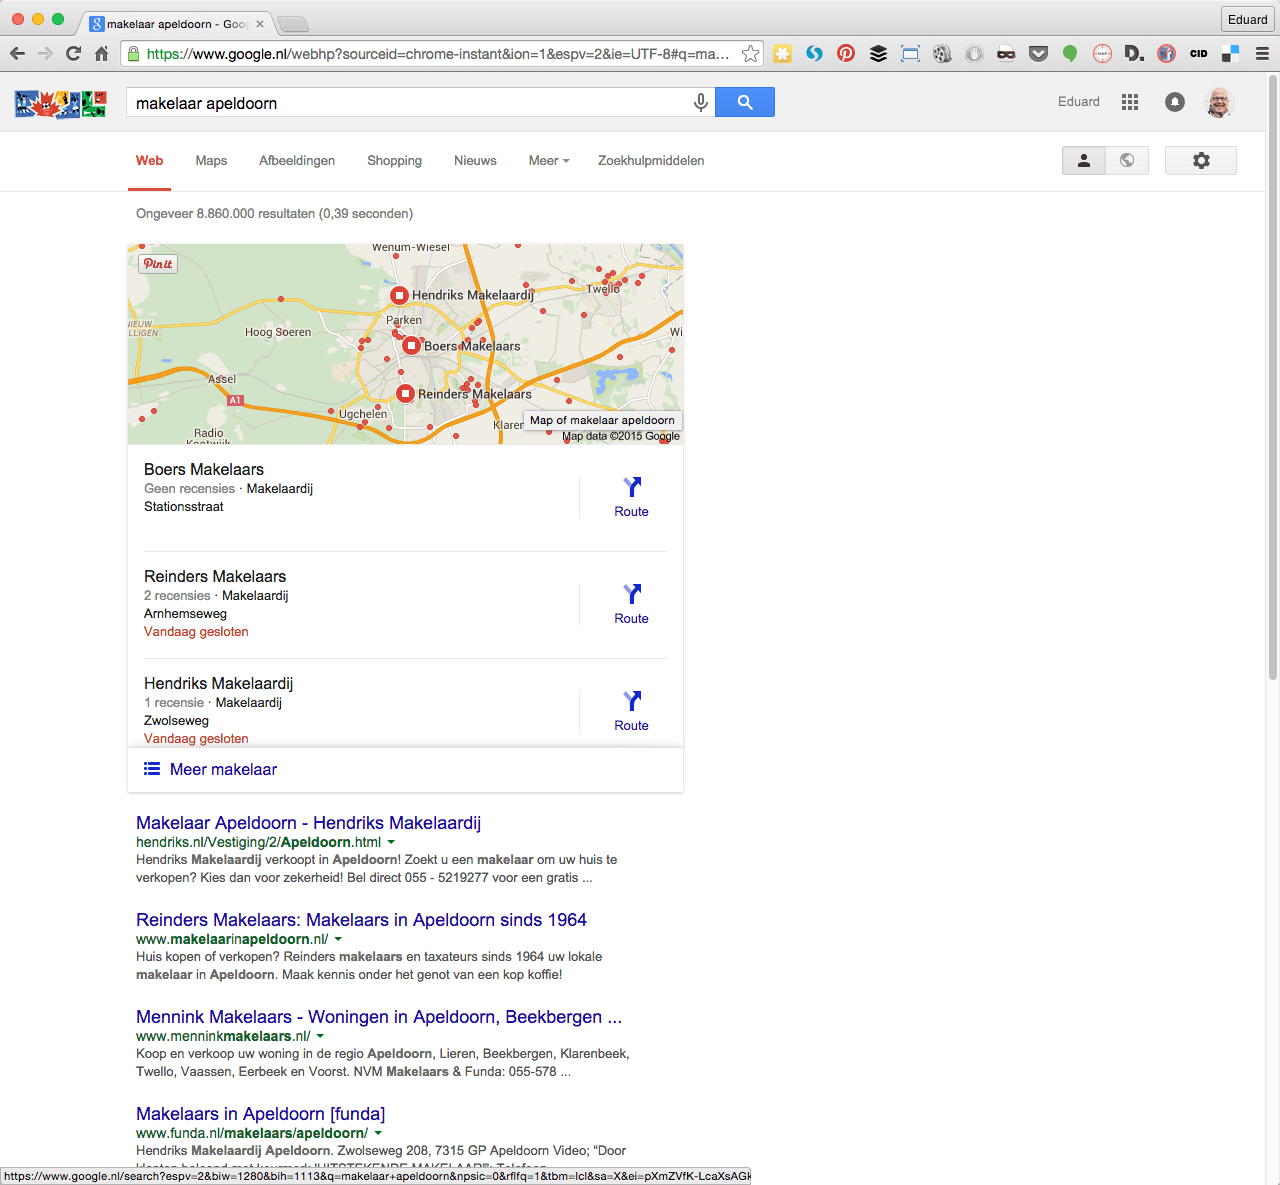 Makelaar Apeldoorn op desktop